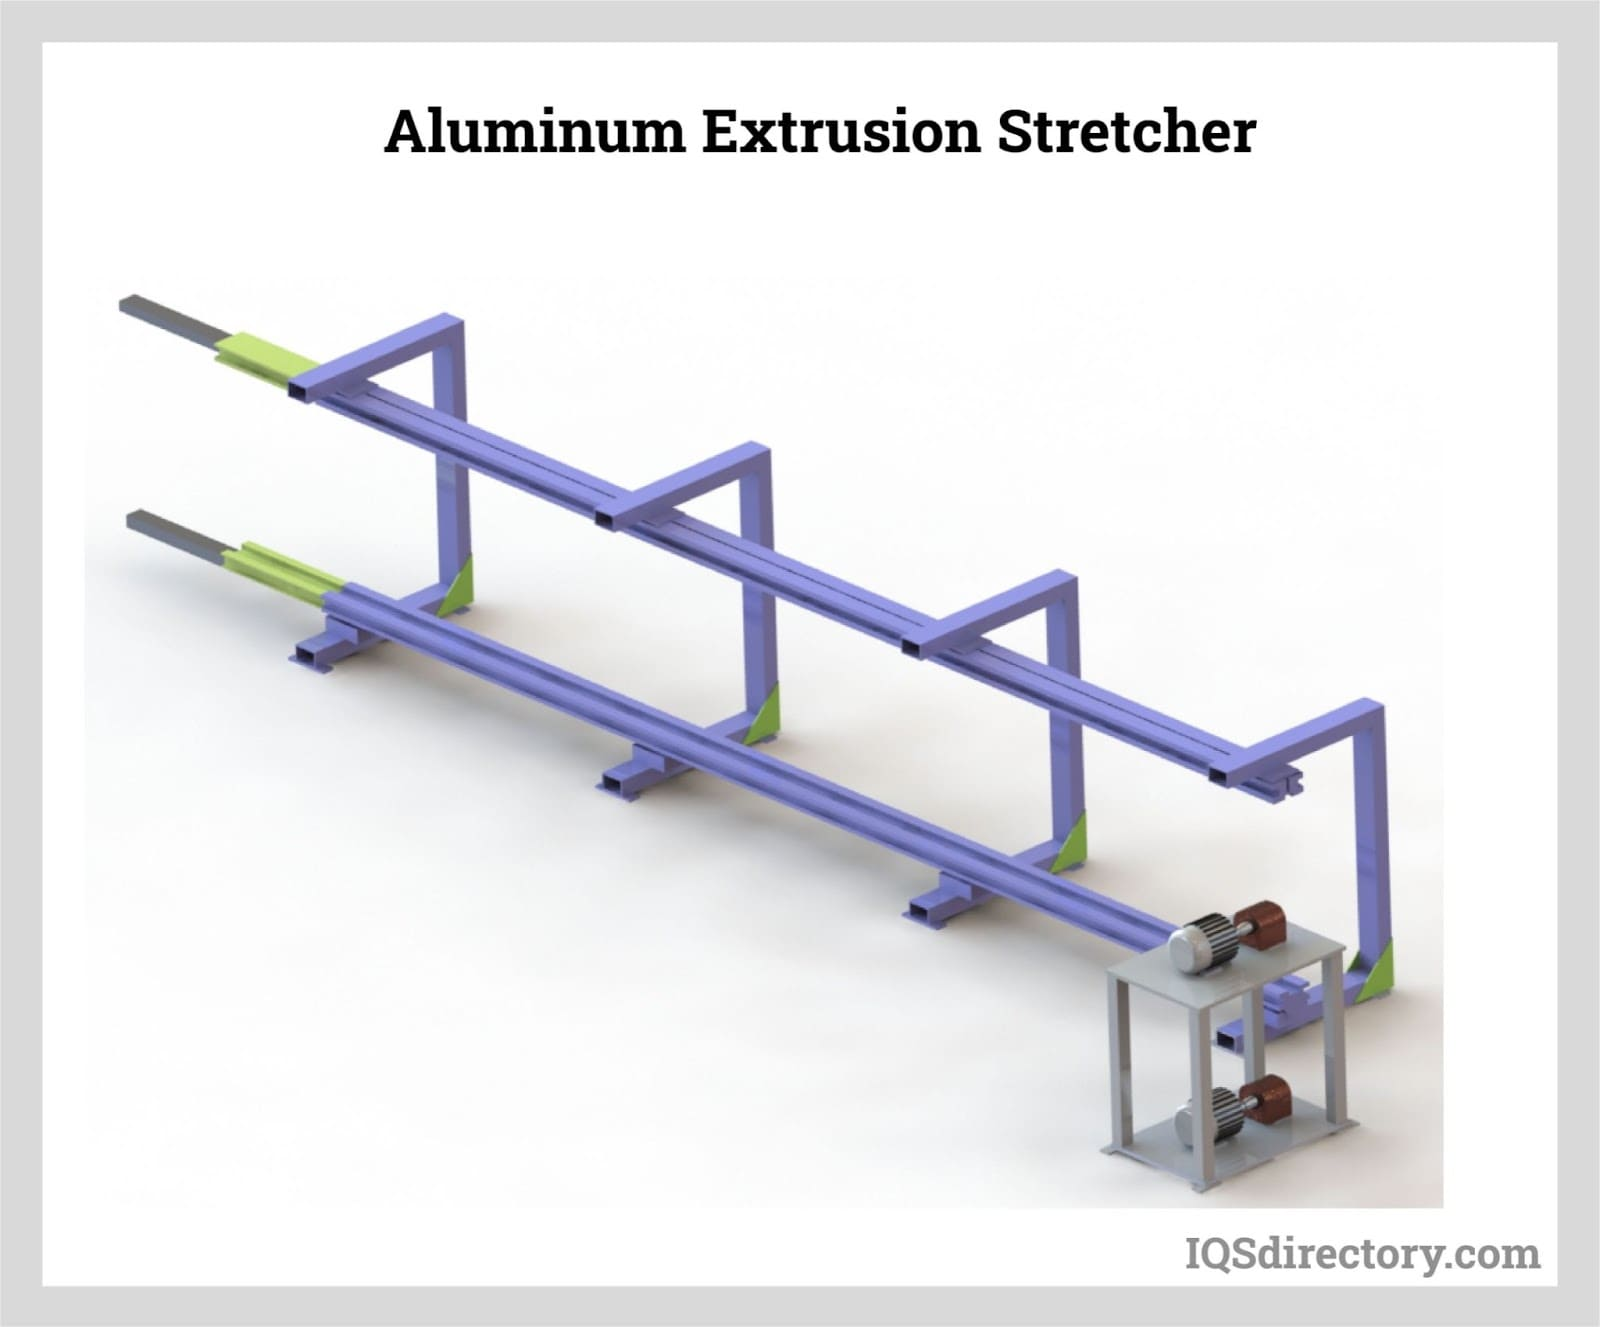 Aluminum Extrusion Stretcher